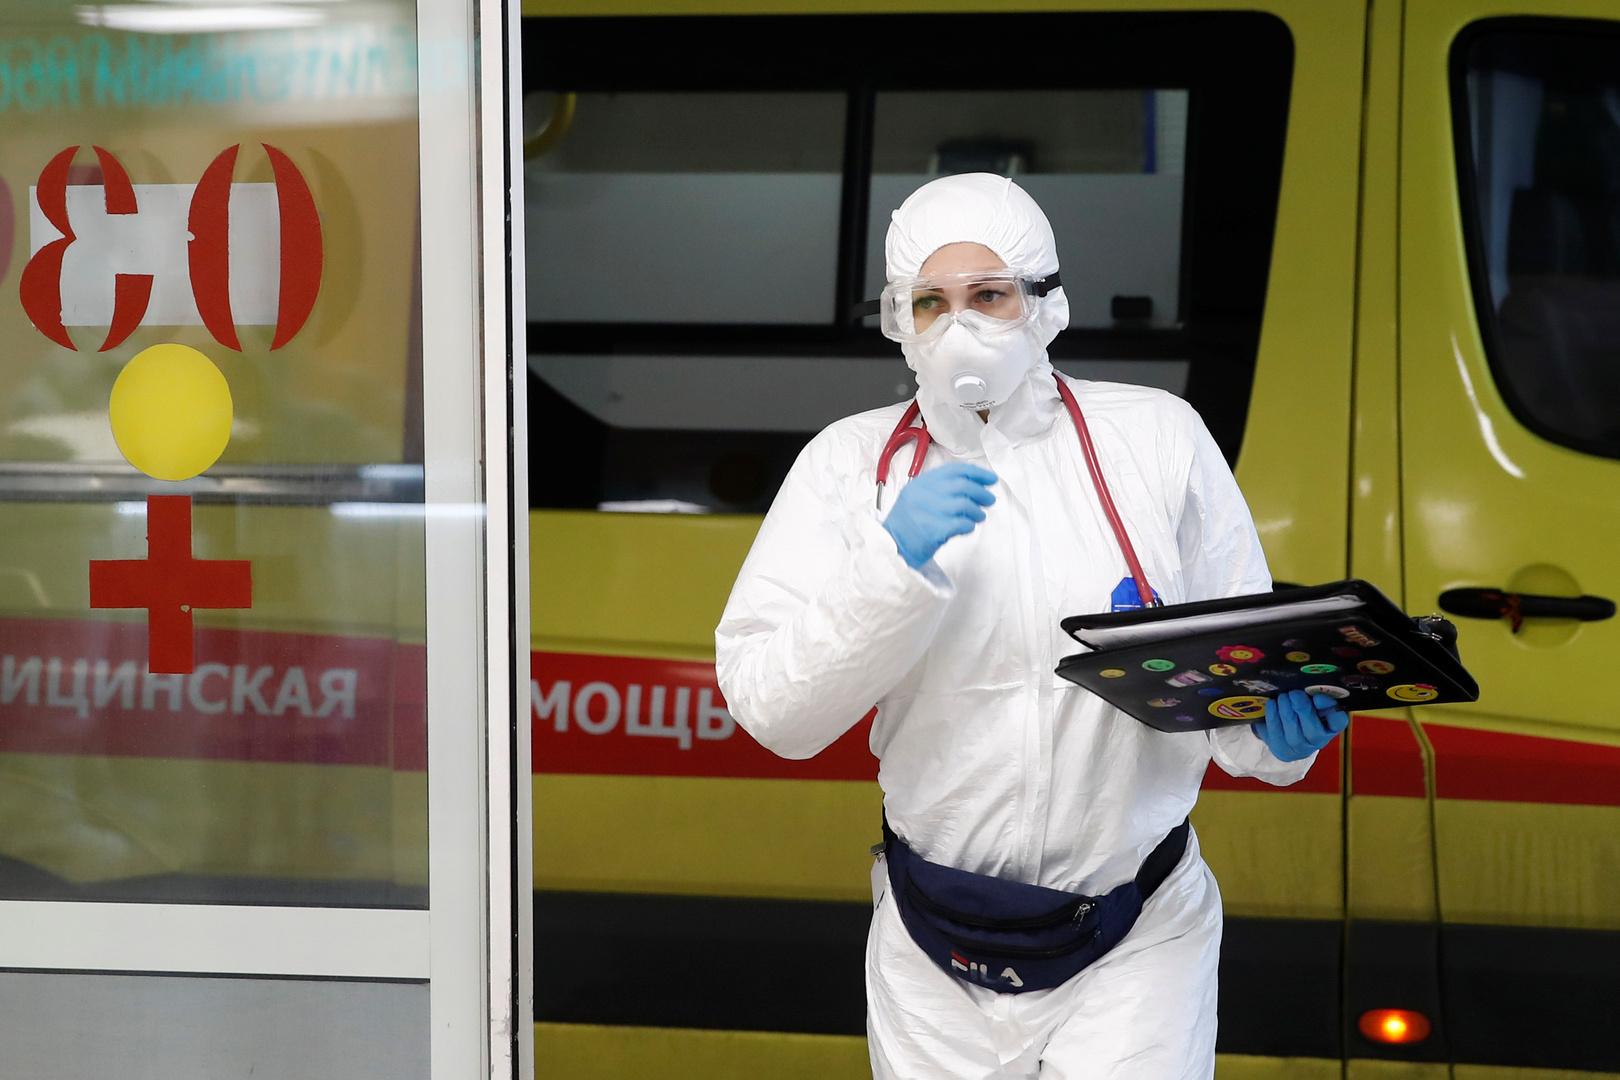 روسيا تسجل 26402 إصابة جديدة بفيروس كورونا و569 وفاة خلال الساعات الـ24 الماضية